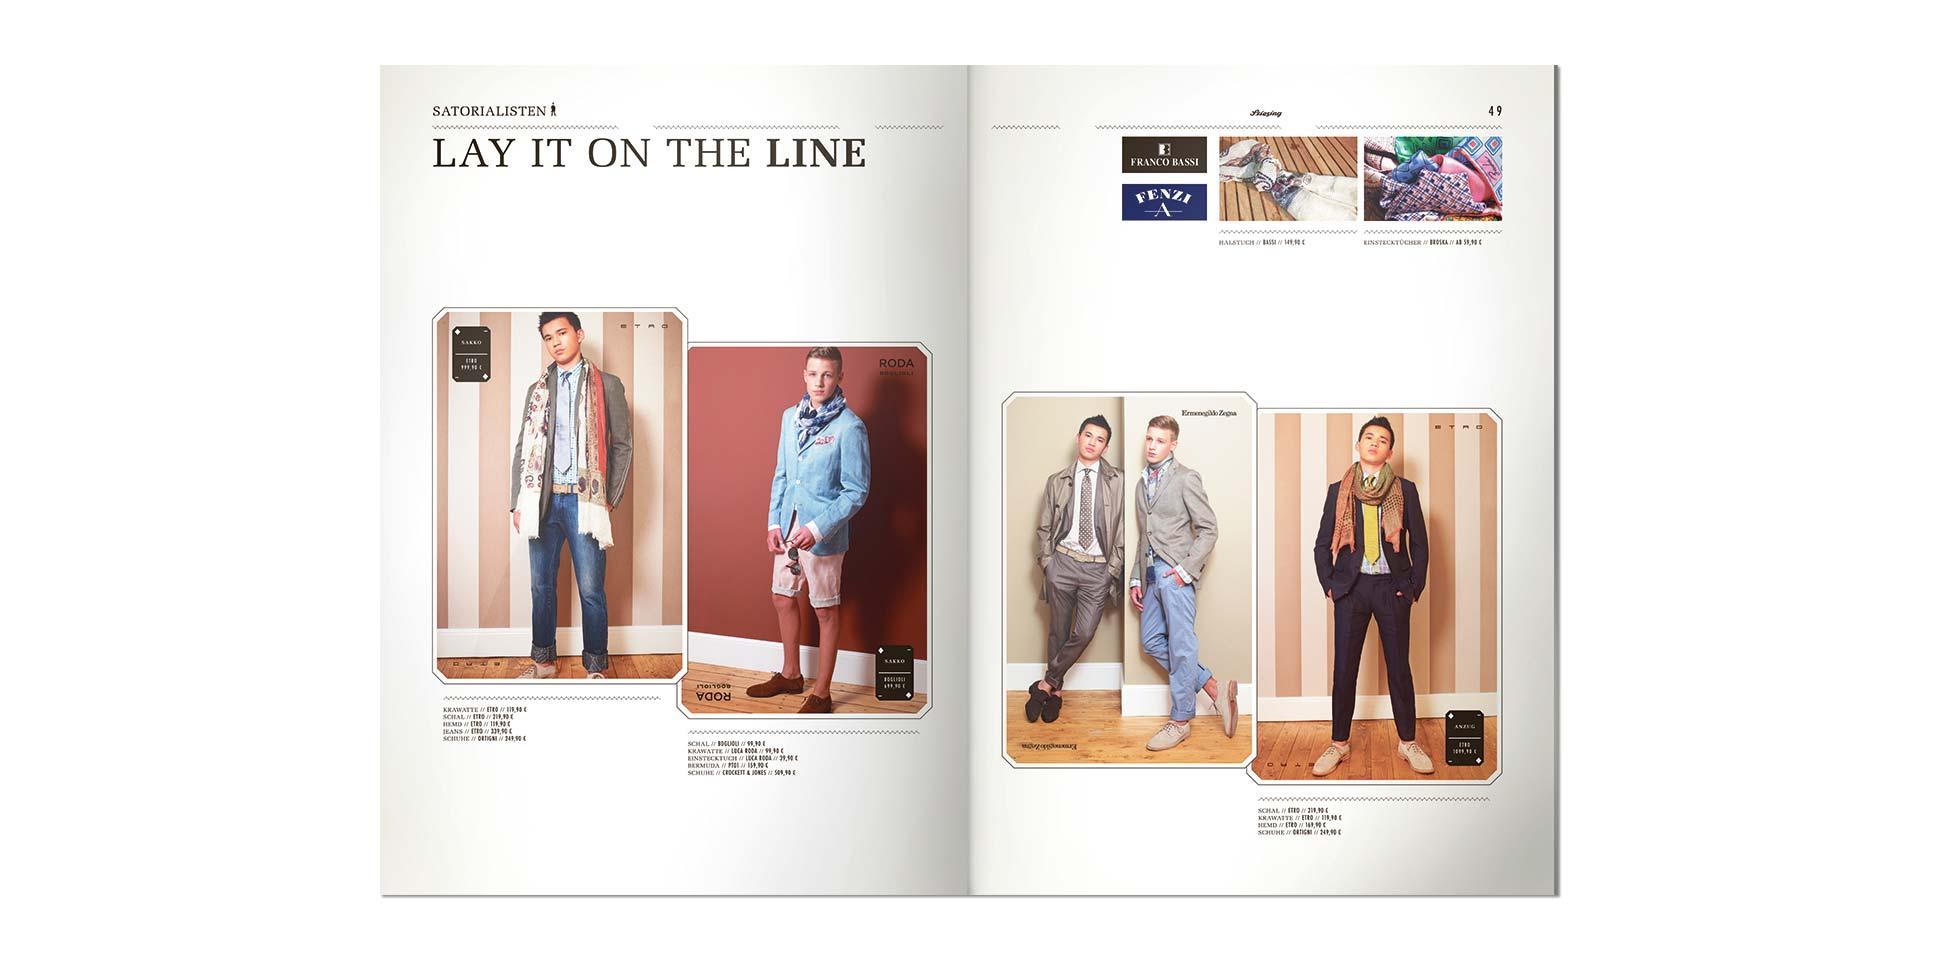 stiesing magazin doppelseite modell junge-maenner polarwerk